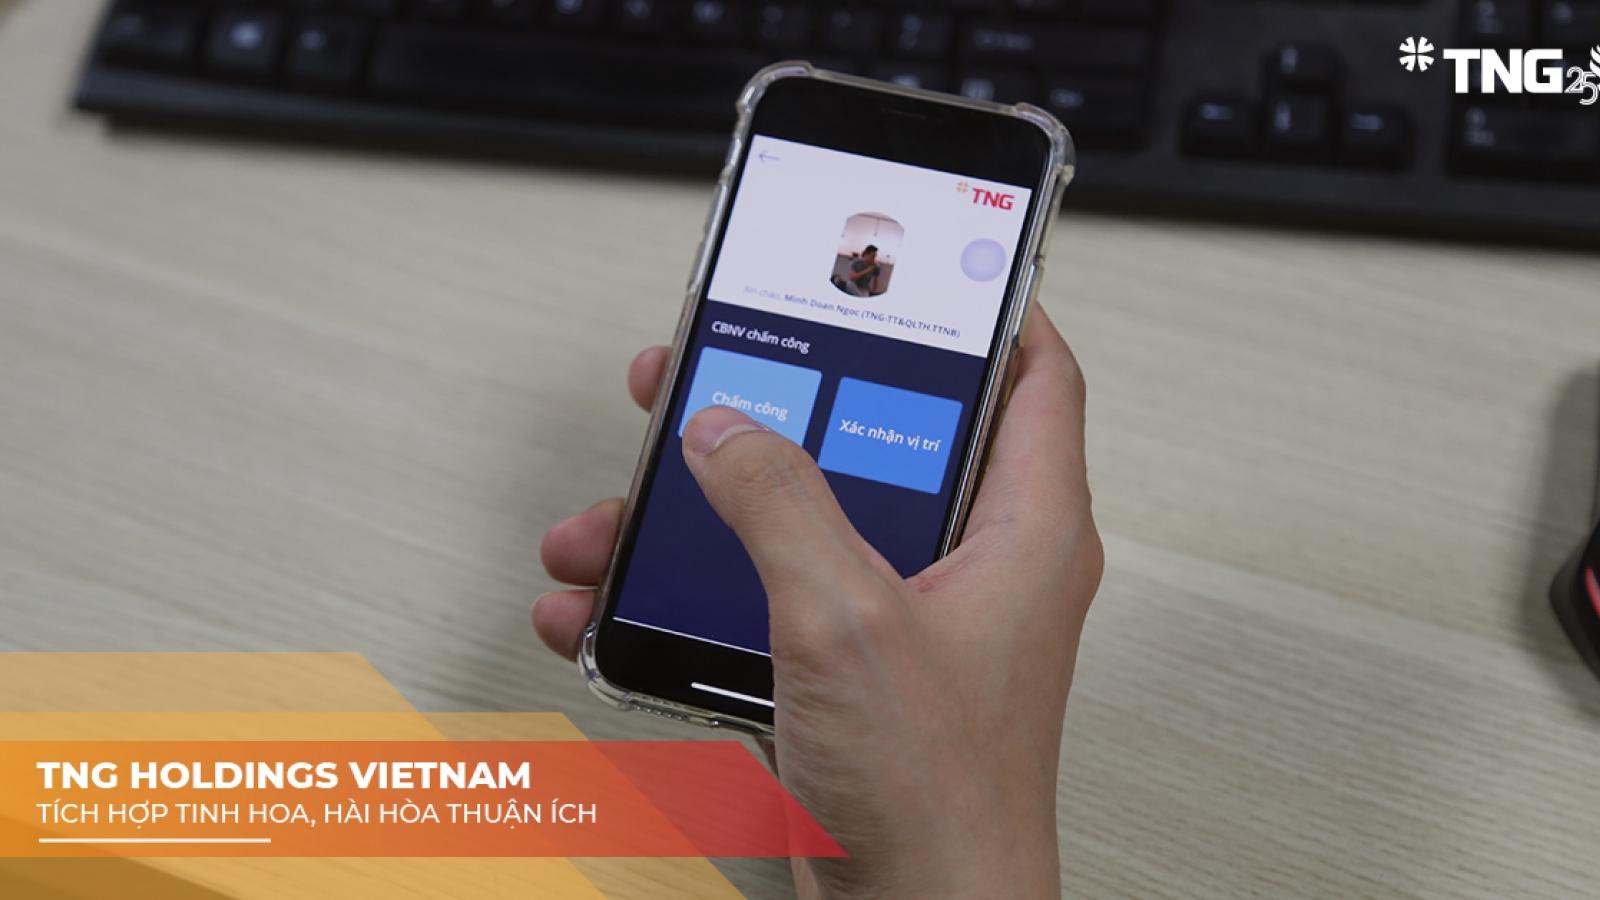 Tập đoàn TNG Holdings Vietnam phòng dịch linh hoạt nhờ chuyển đổi số không điểm chạm